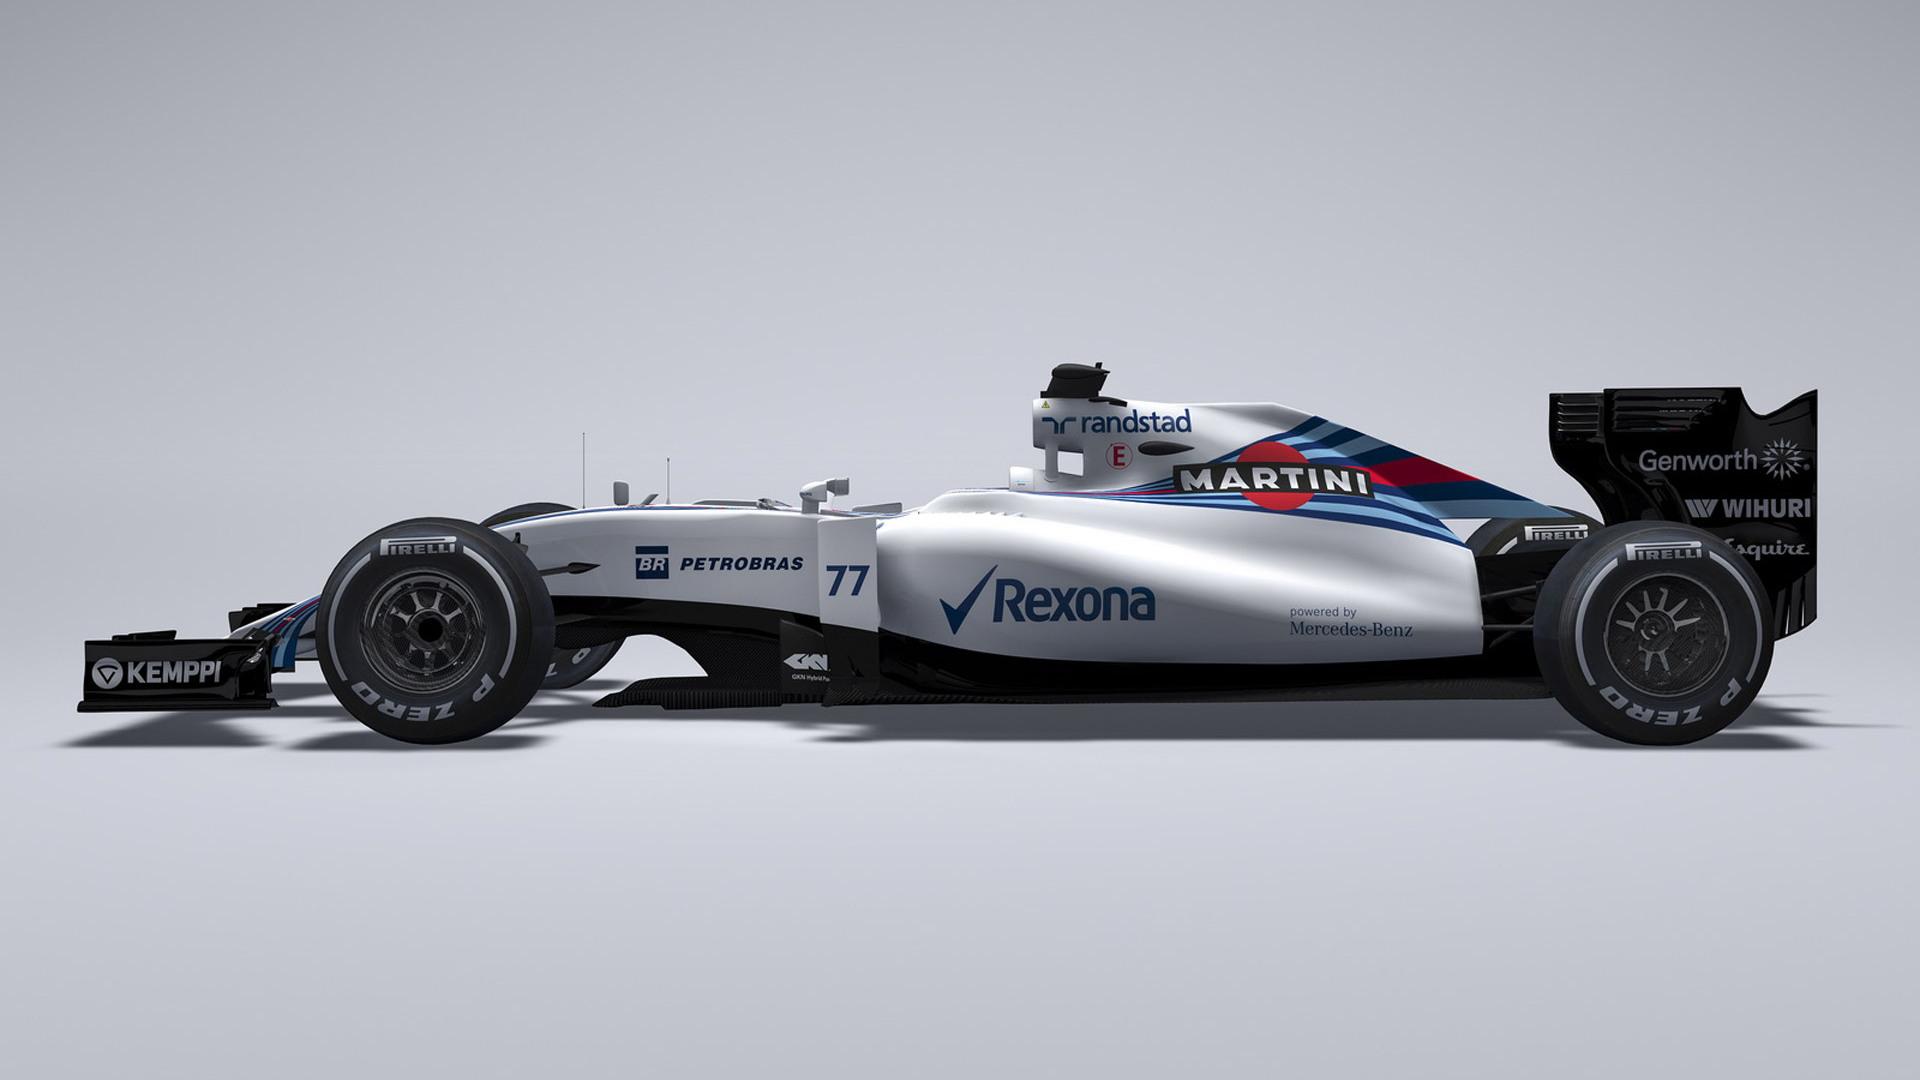 Williams FW37 2015 Formula One car